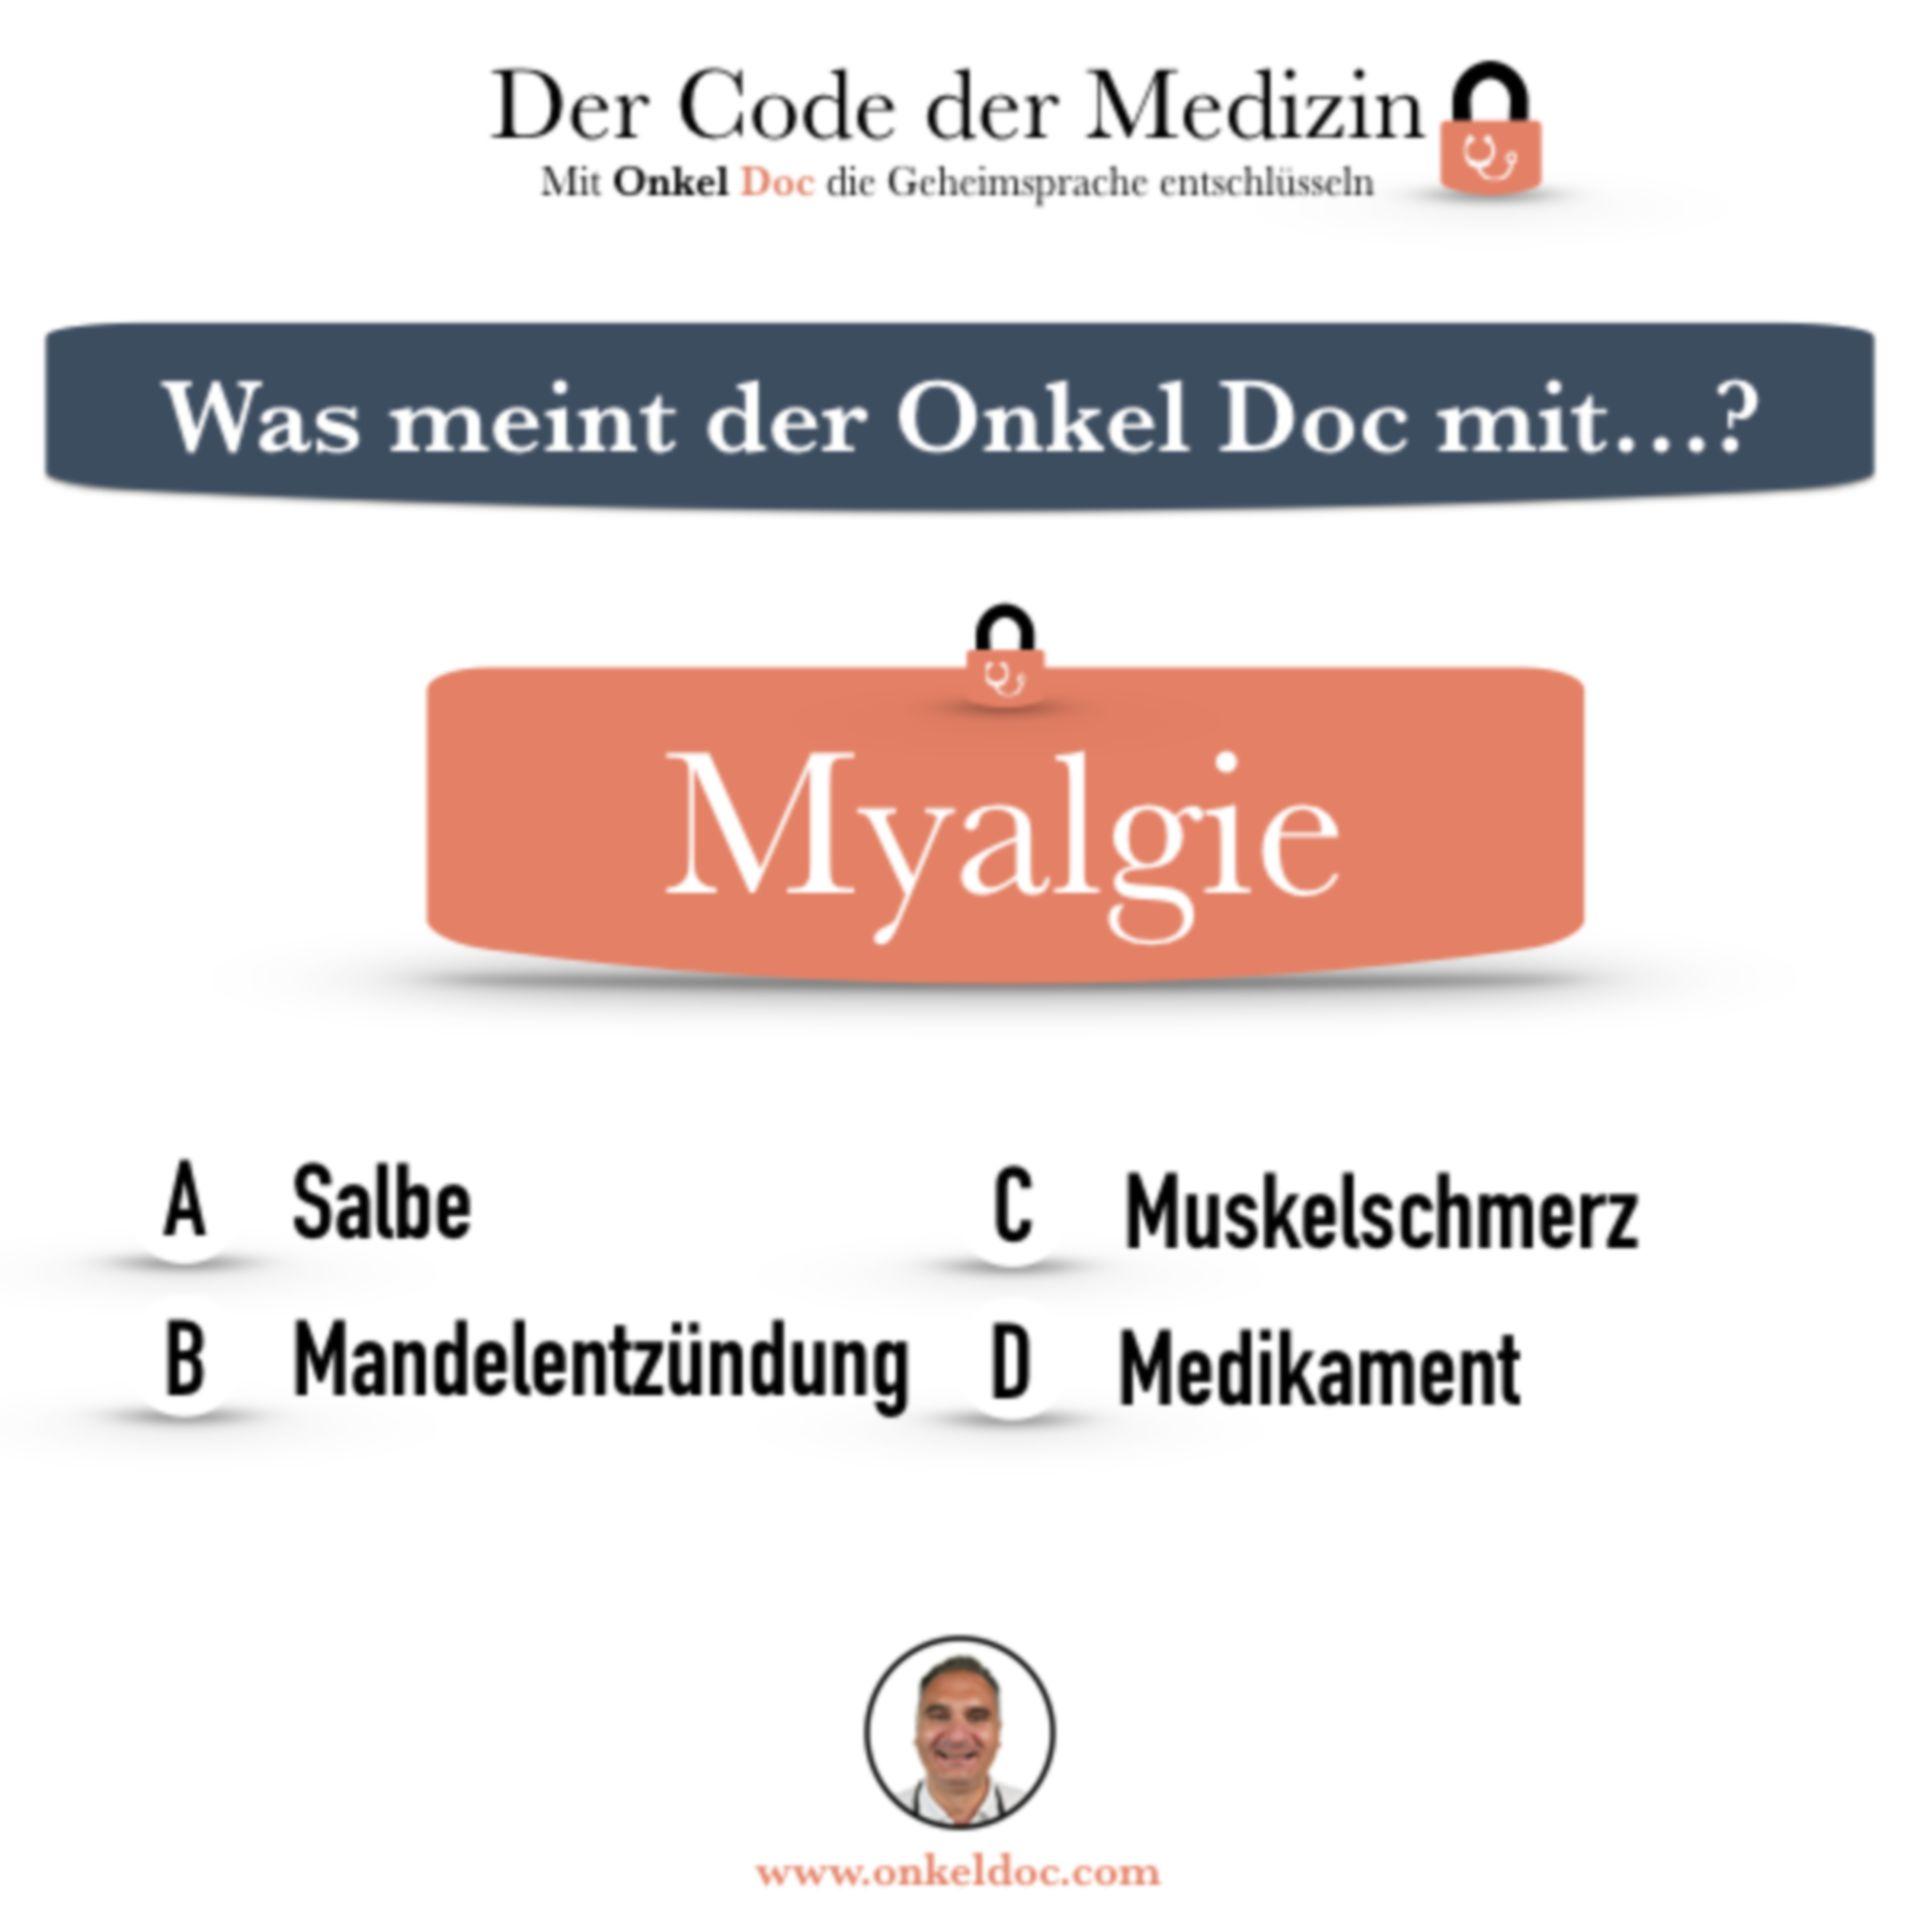 Frage zum Code Myalgie